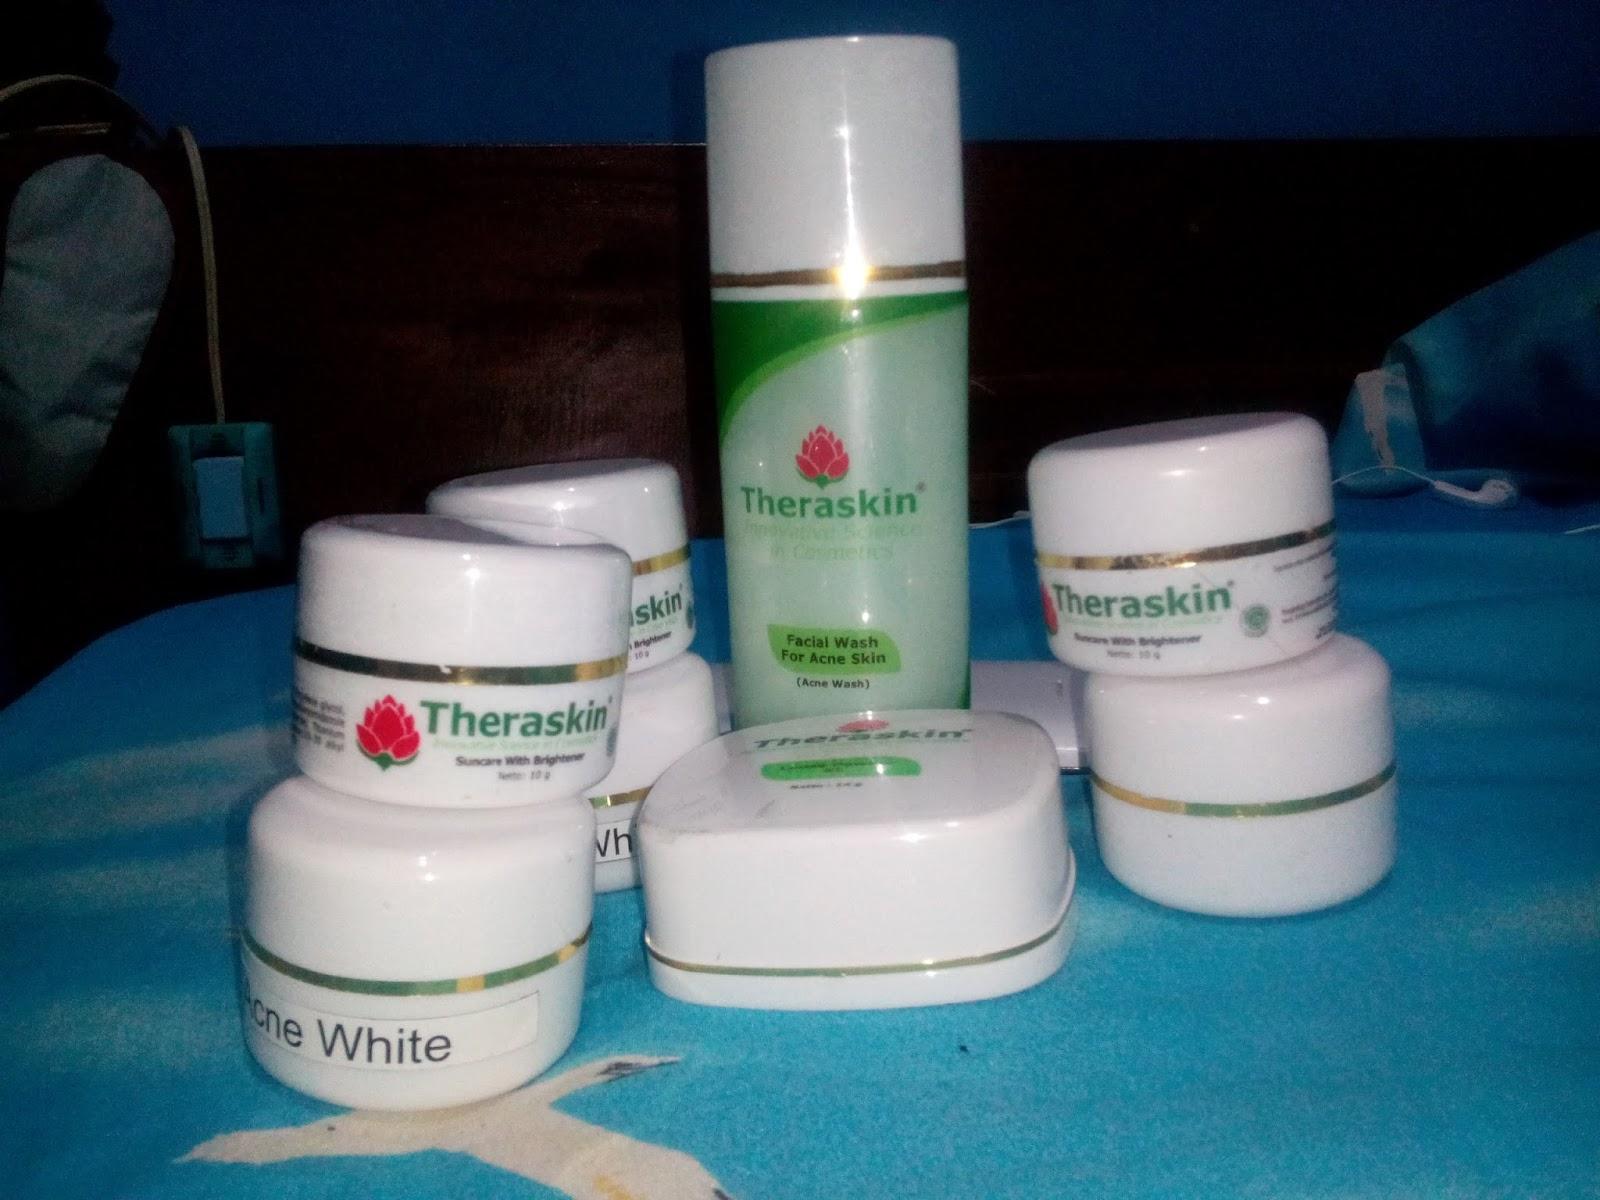 Relationship Review Theraskin Skincare Sabun Wajah Muka Facial Wash Normal